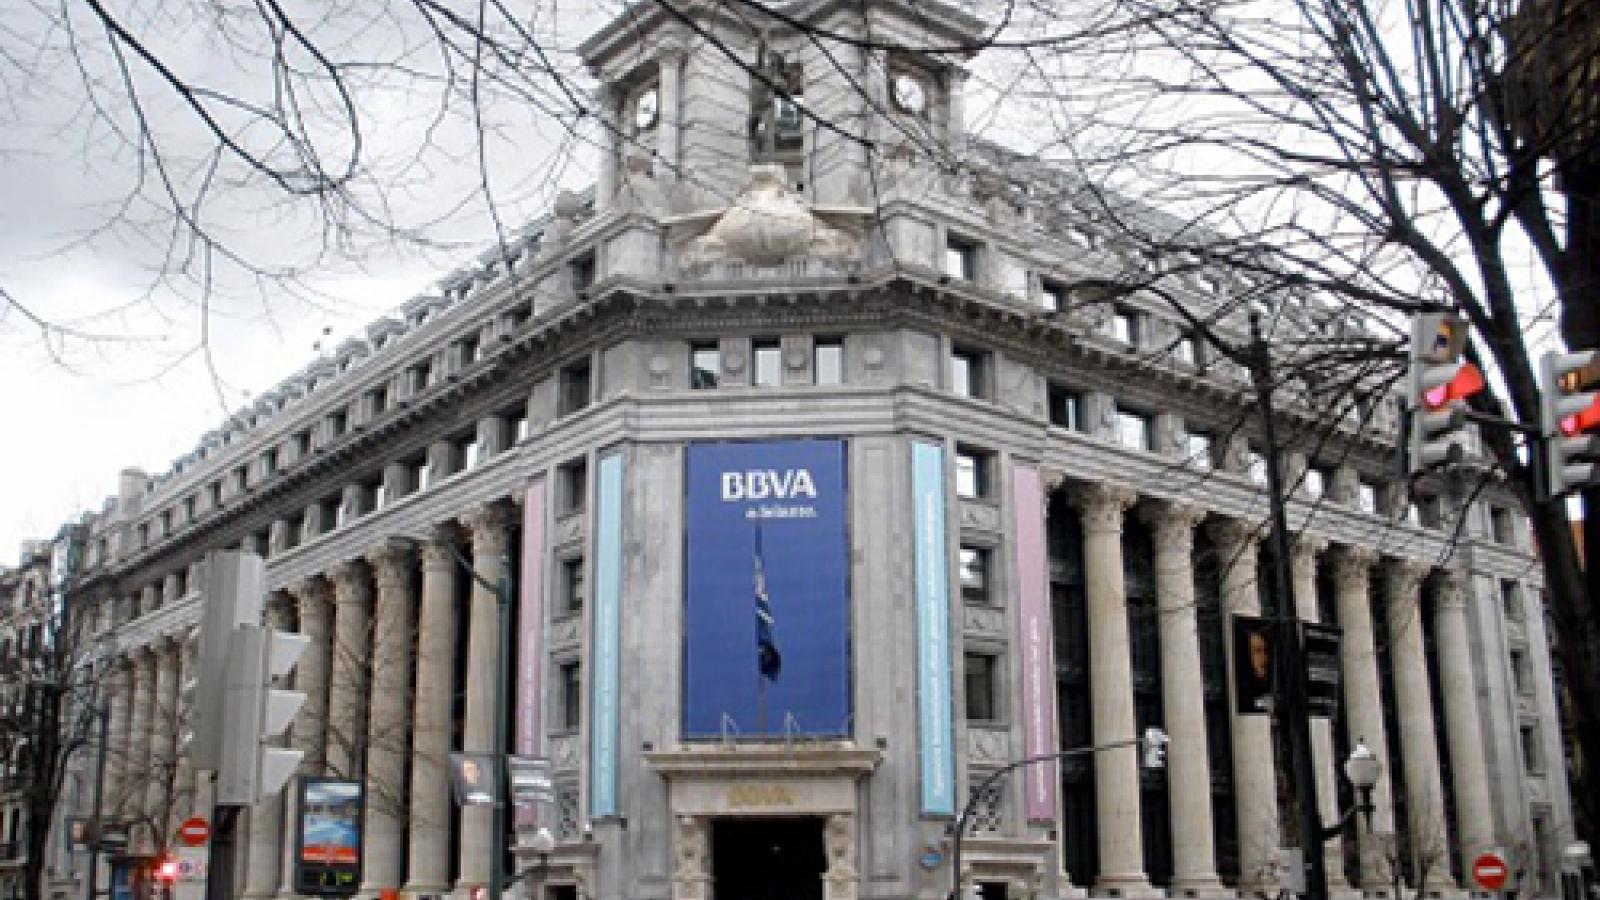 Ngân hàng lớn thứ 2 Tây Ban Nha có kế hoạch sa thải 3.000 nhân viên